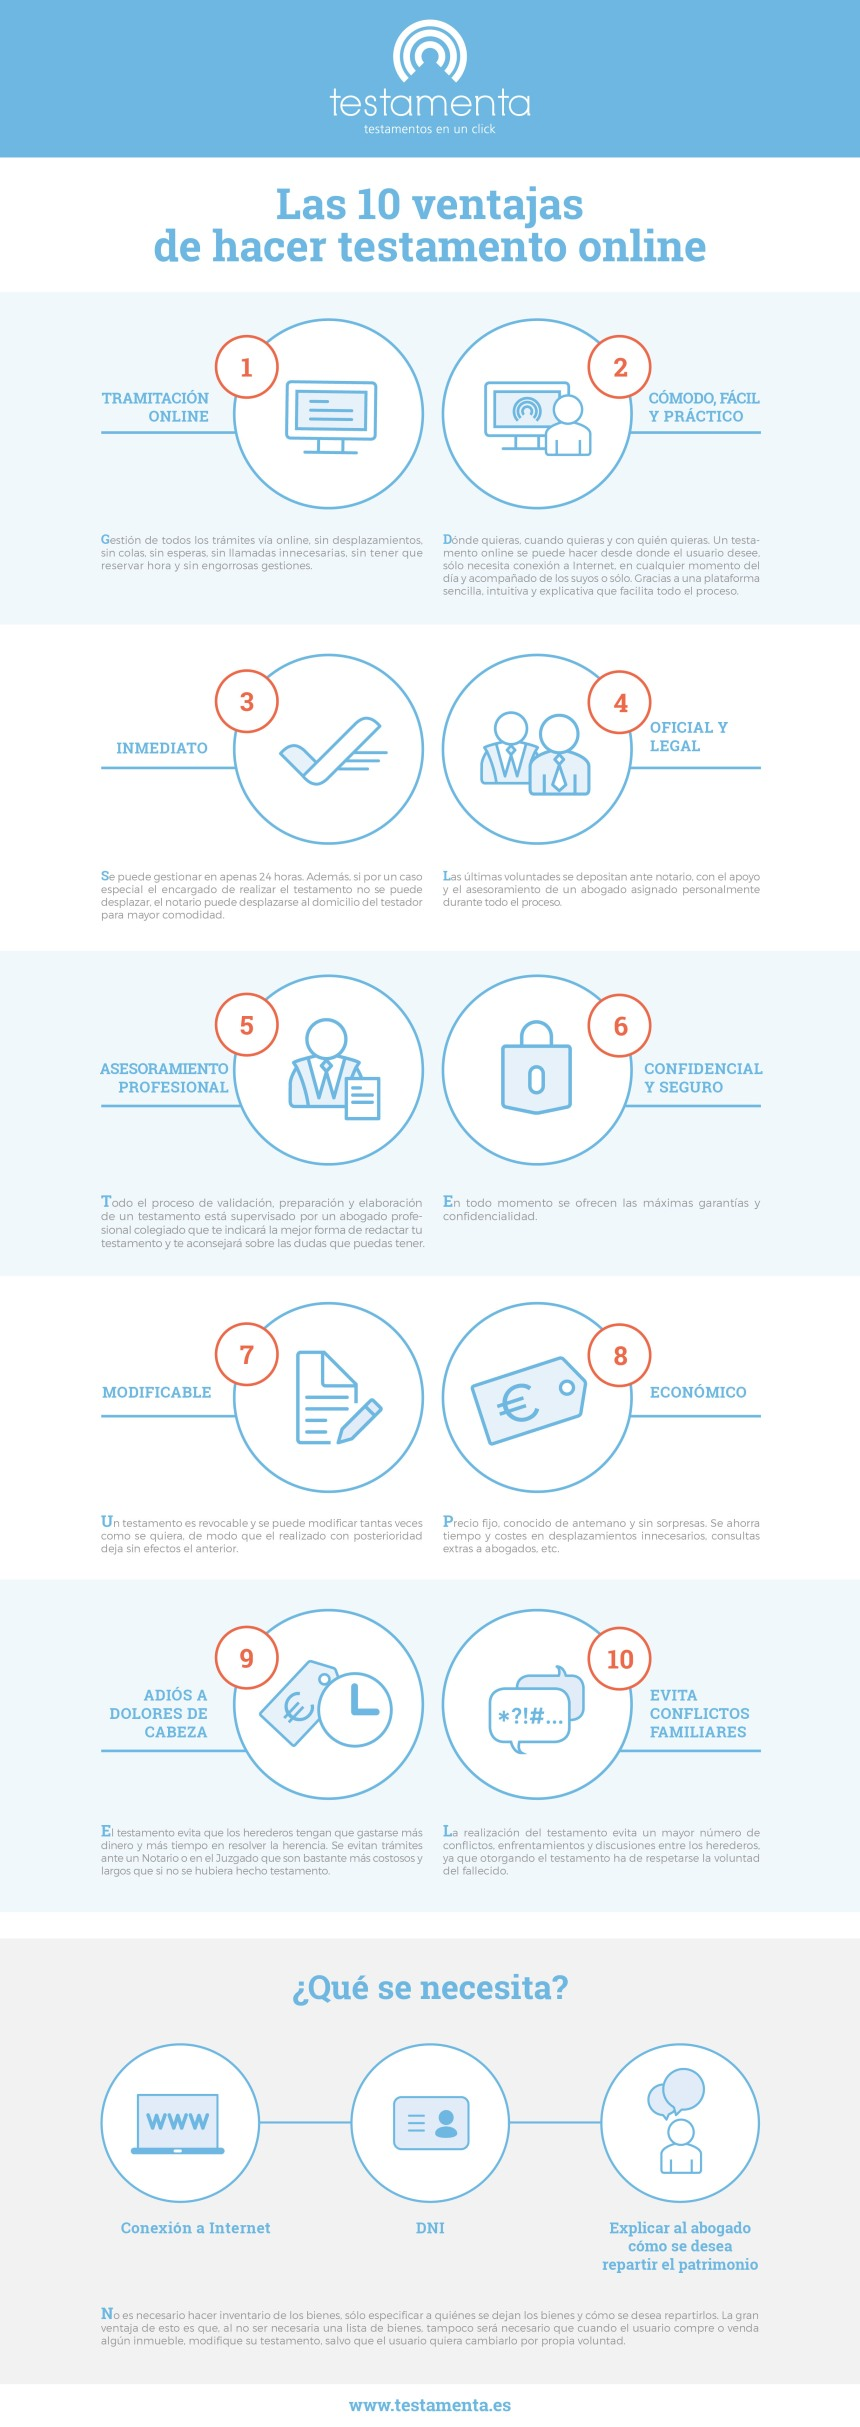 10 ventajas de hacer testamento online